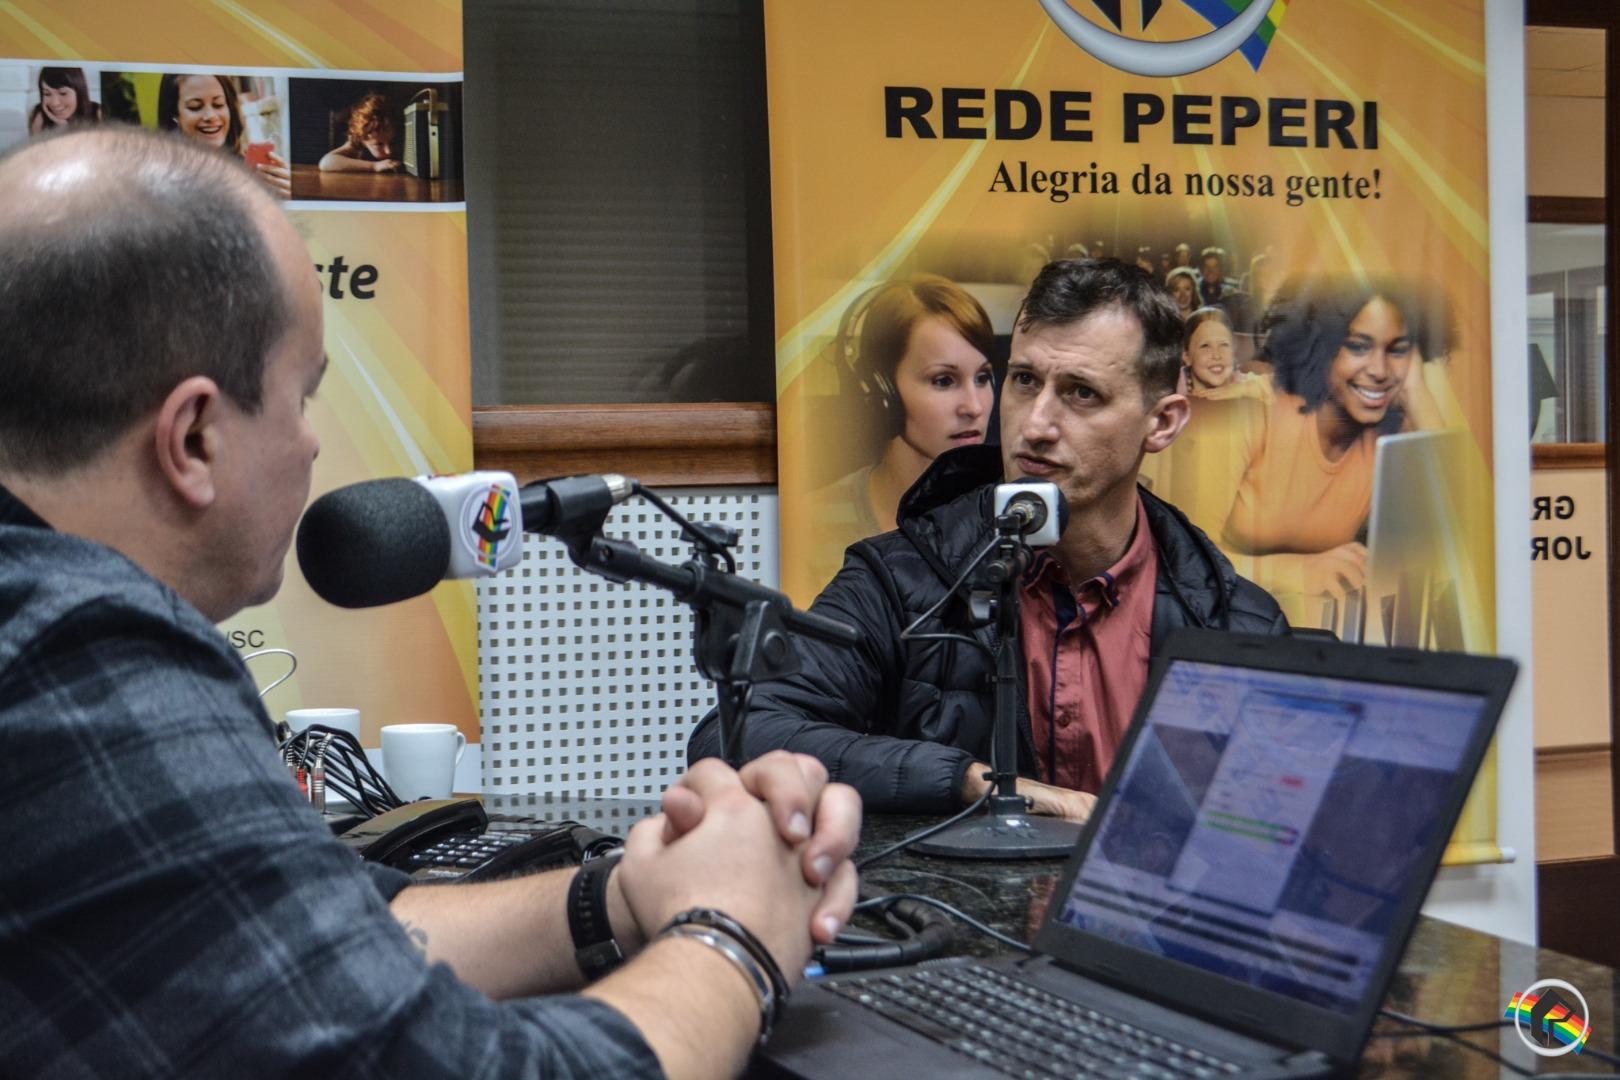 Peperi recebe o empresário Edney Prigol da Disk Fácil